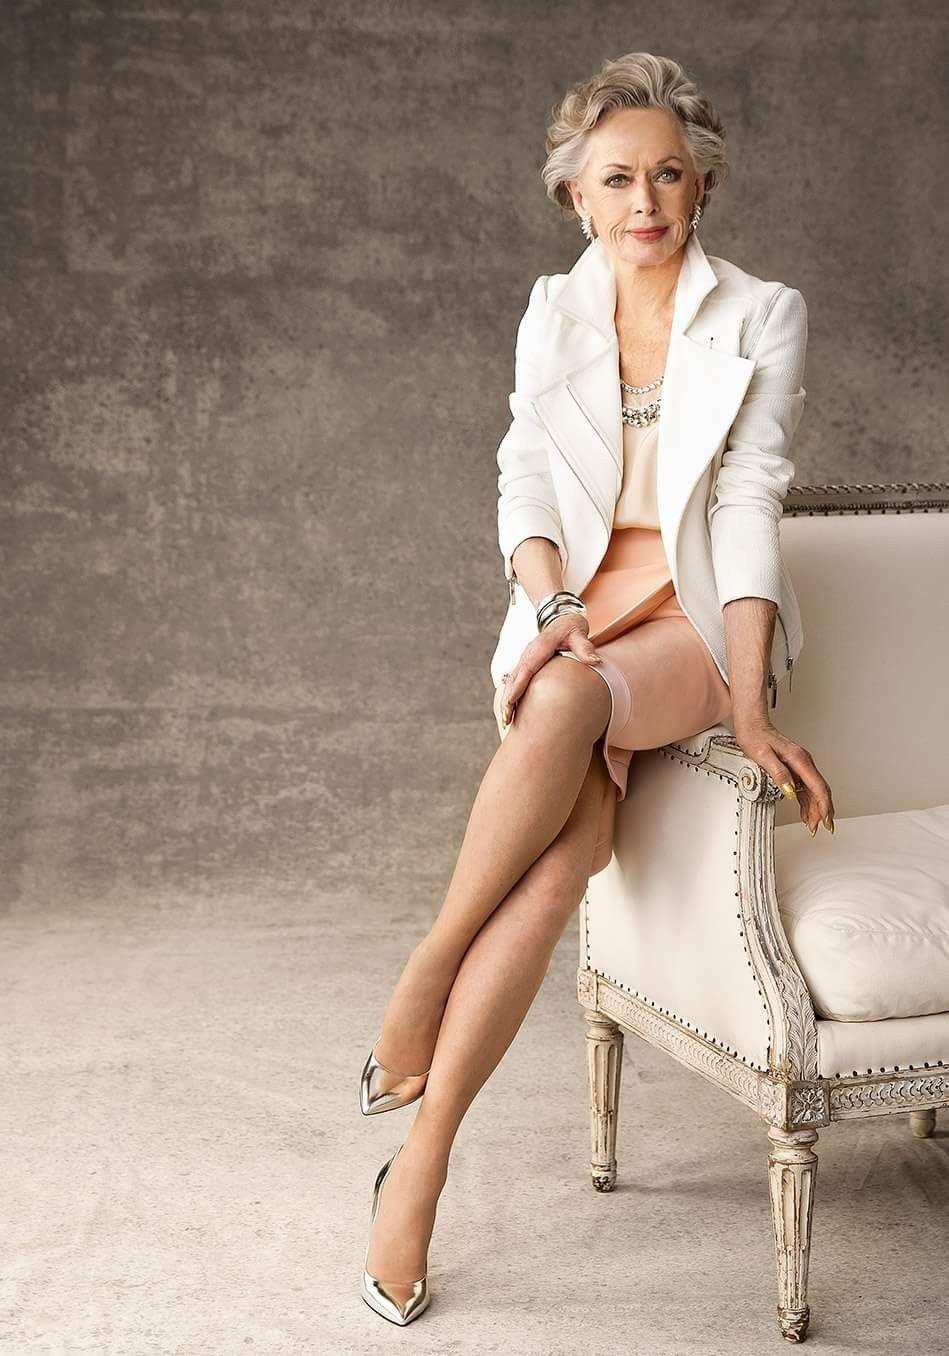 Elegant german mature leg model